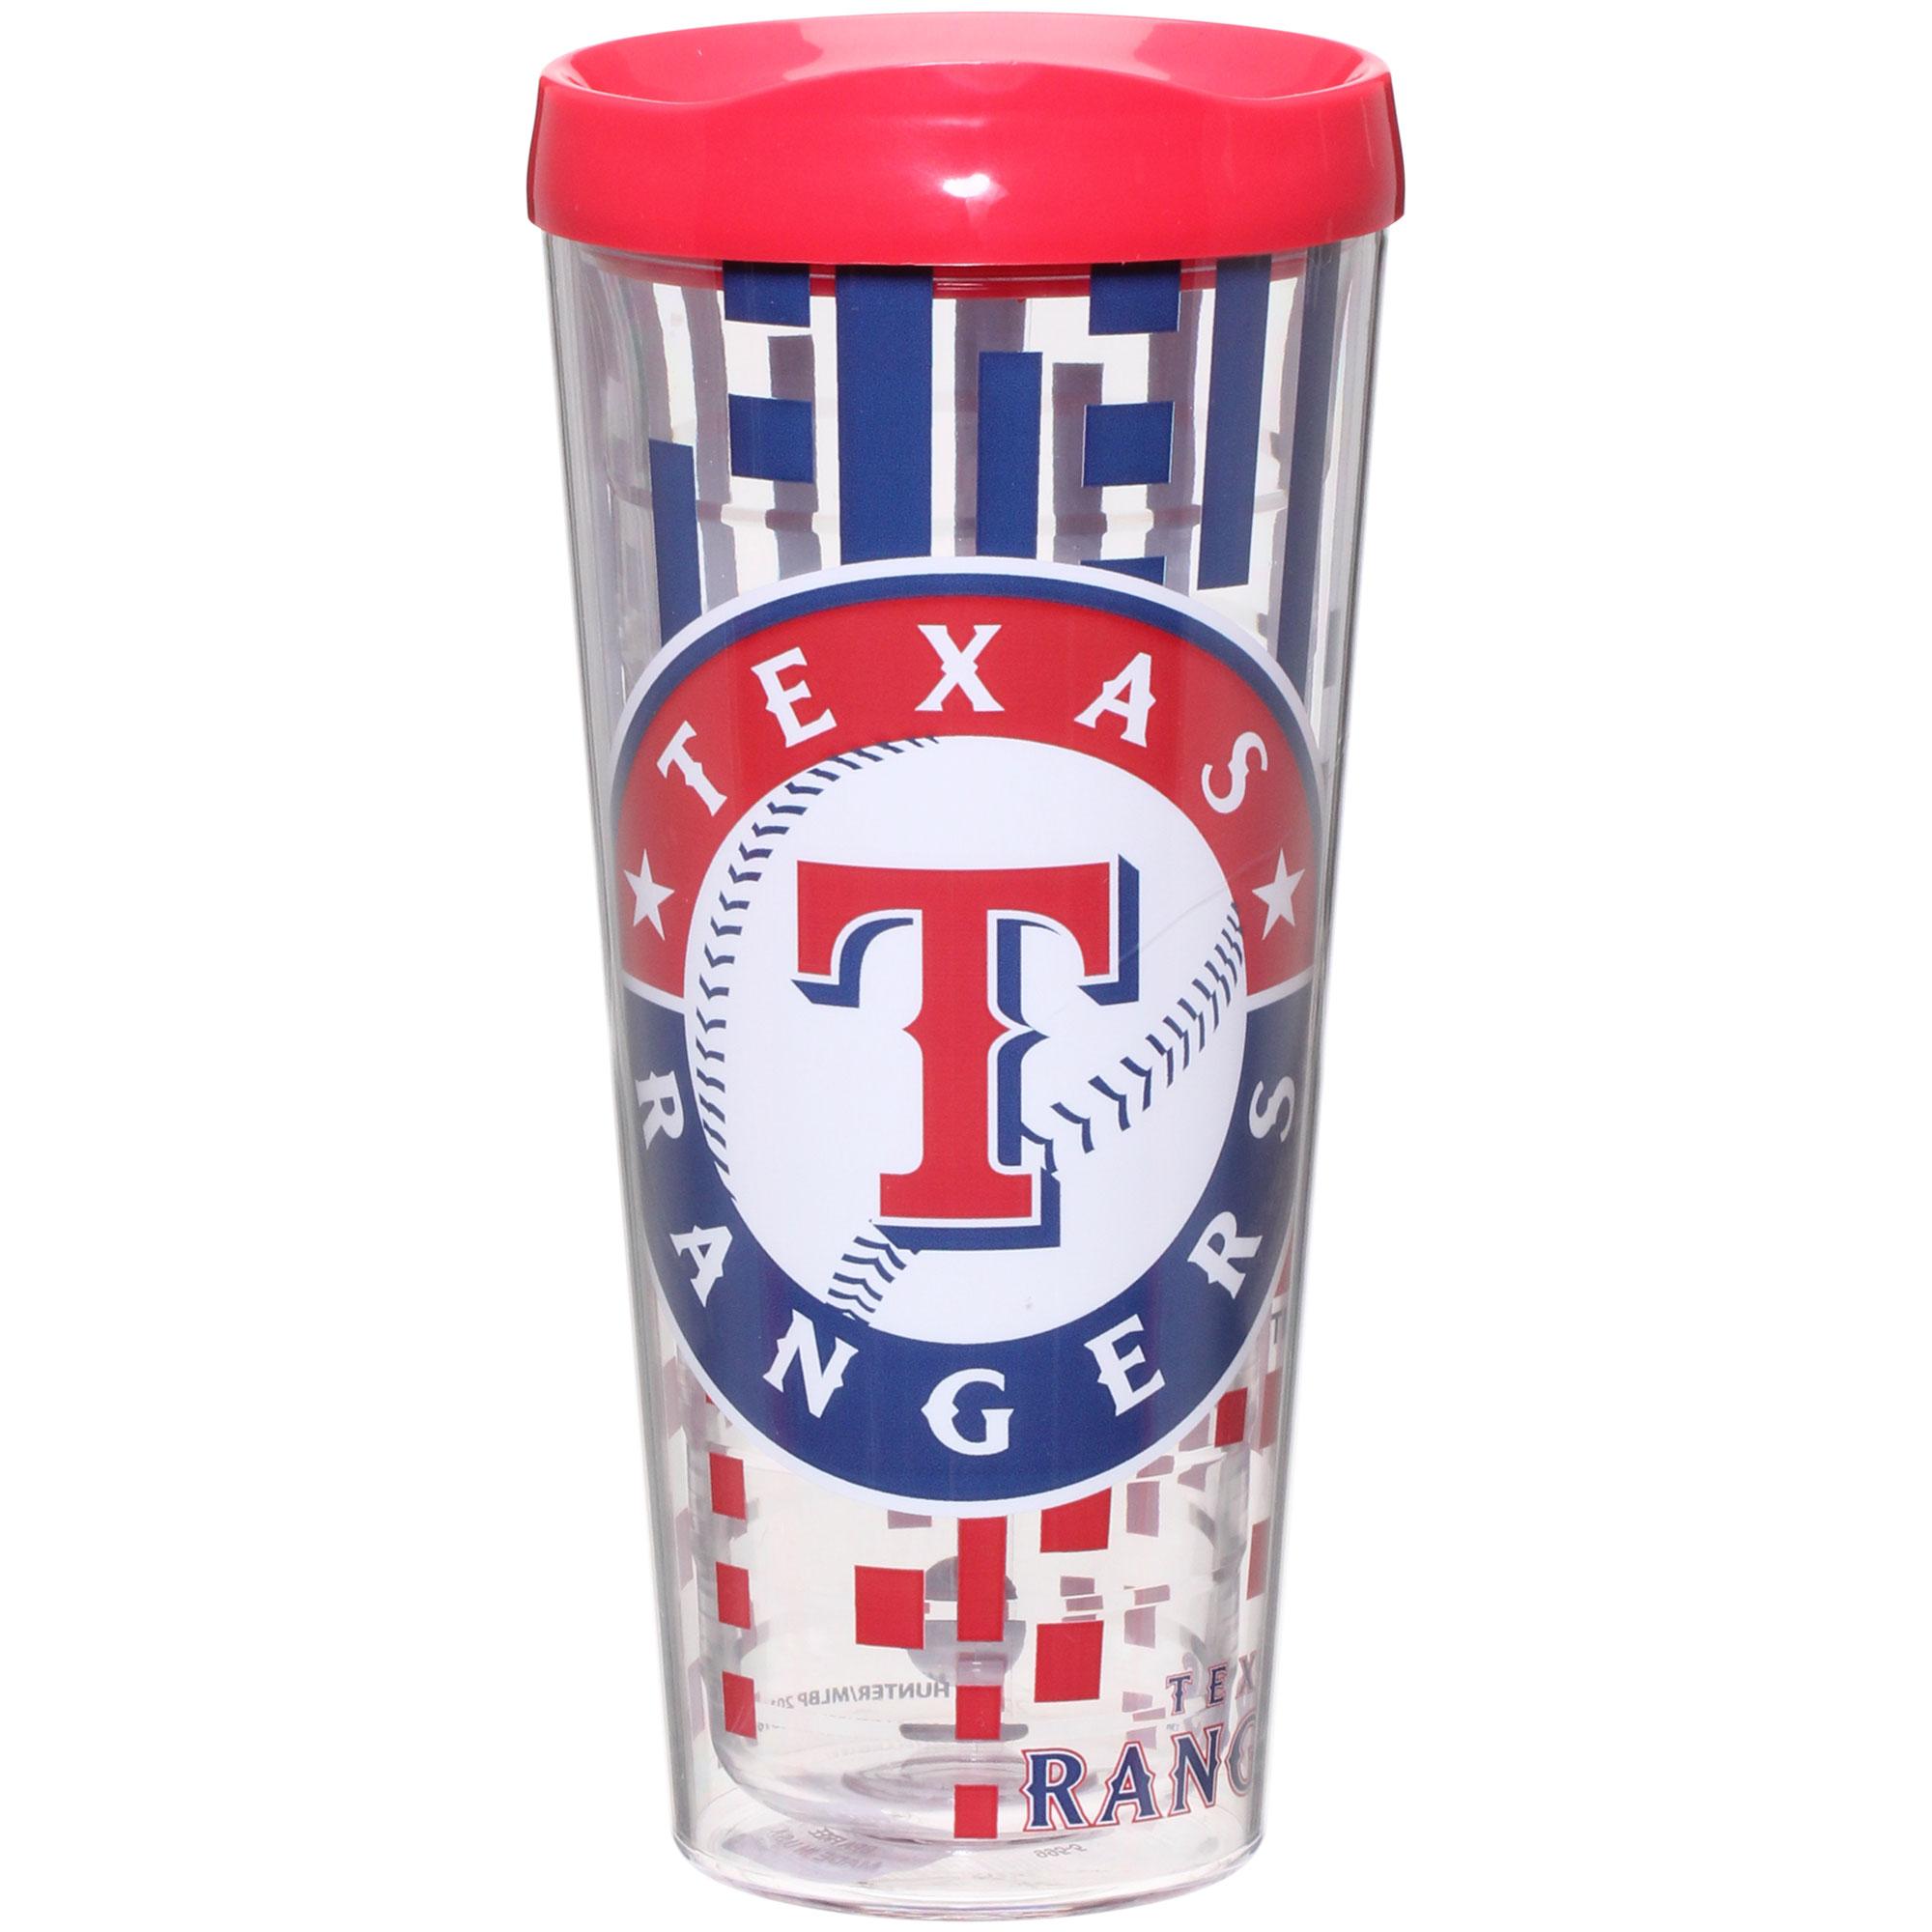 Texas Rangers 22oz. Tritan Tumbler - No Size